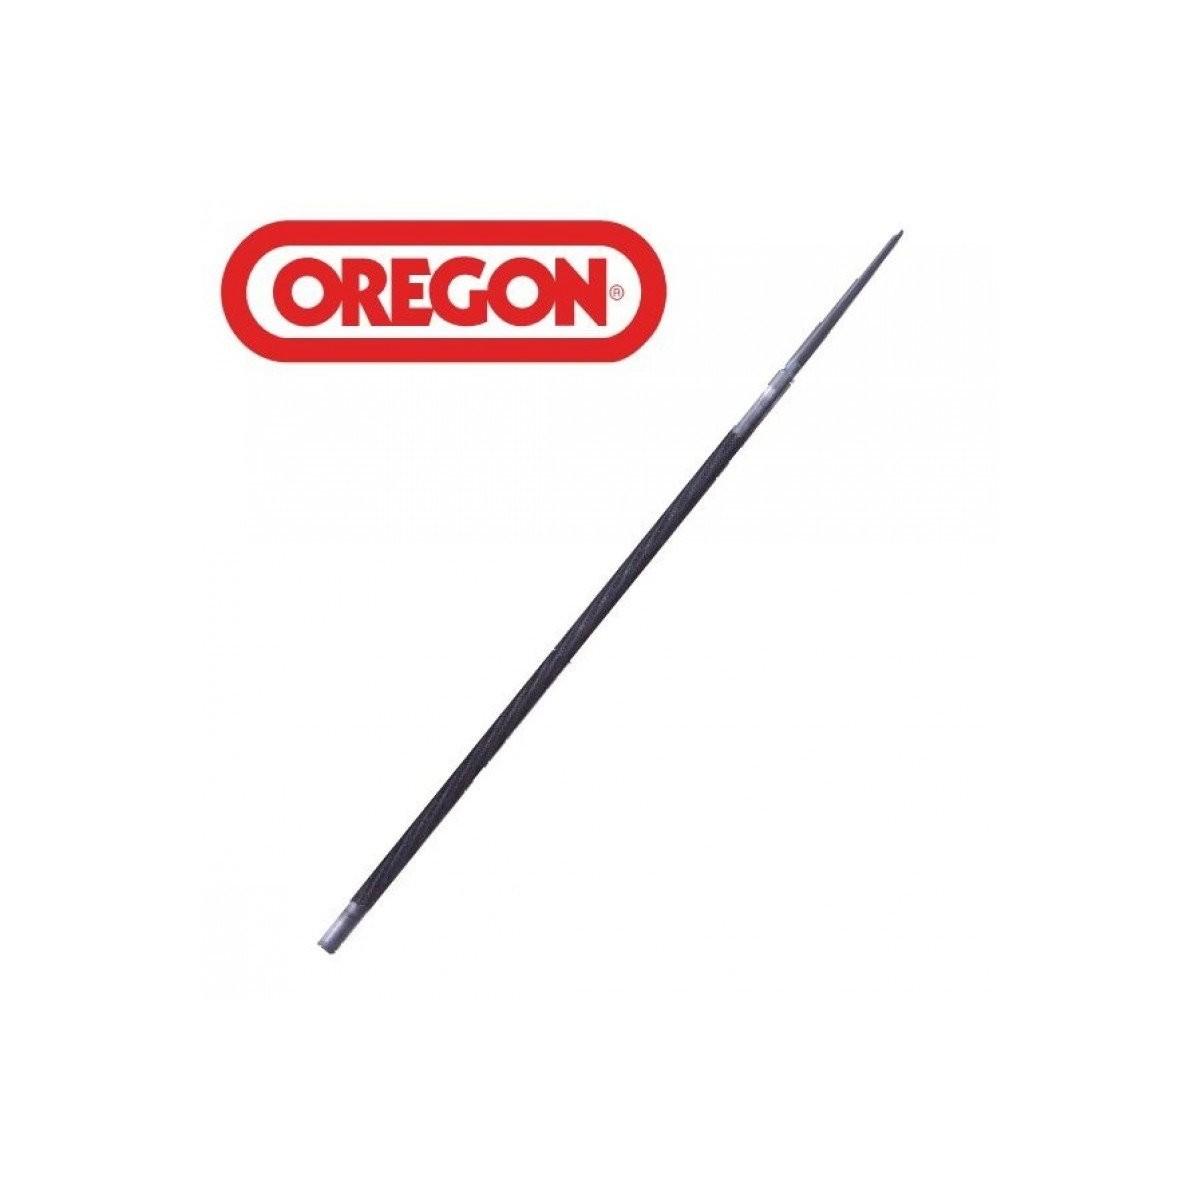 Λίμα  Τροχίσματος Αλυσίδας Στρογγυλή  Oregon 4,5mm